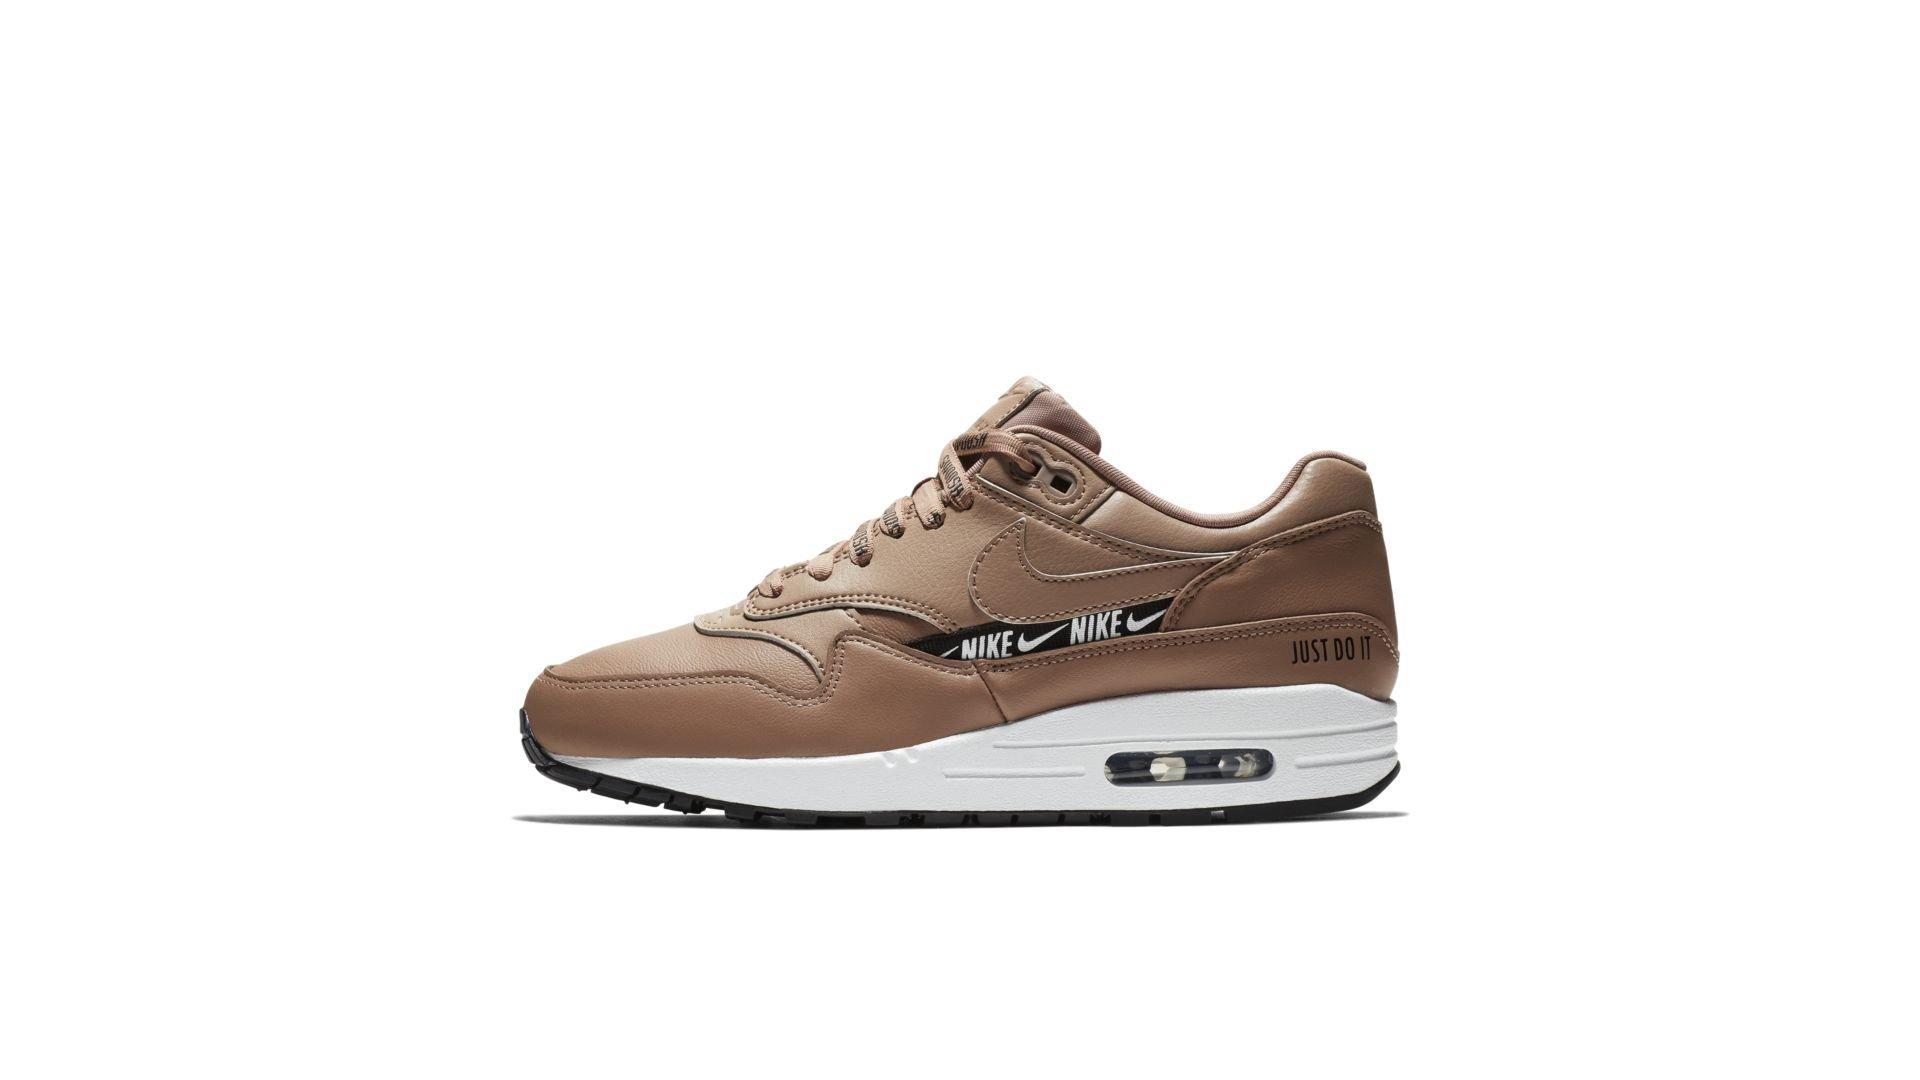 Nike Air Max 1 881101-201